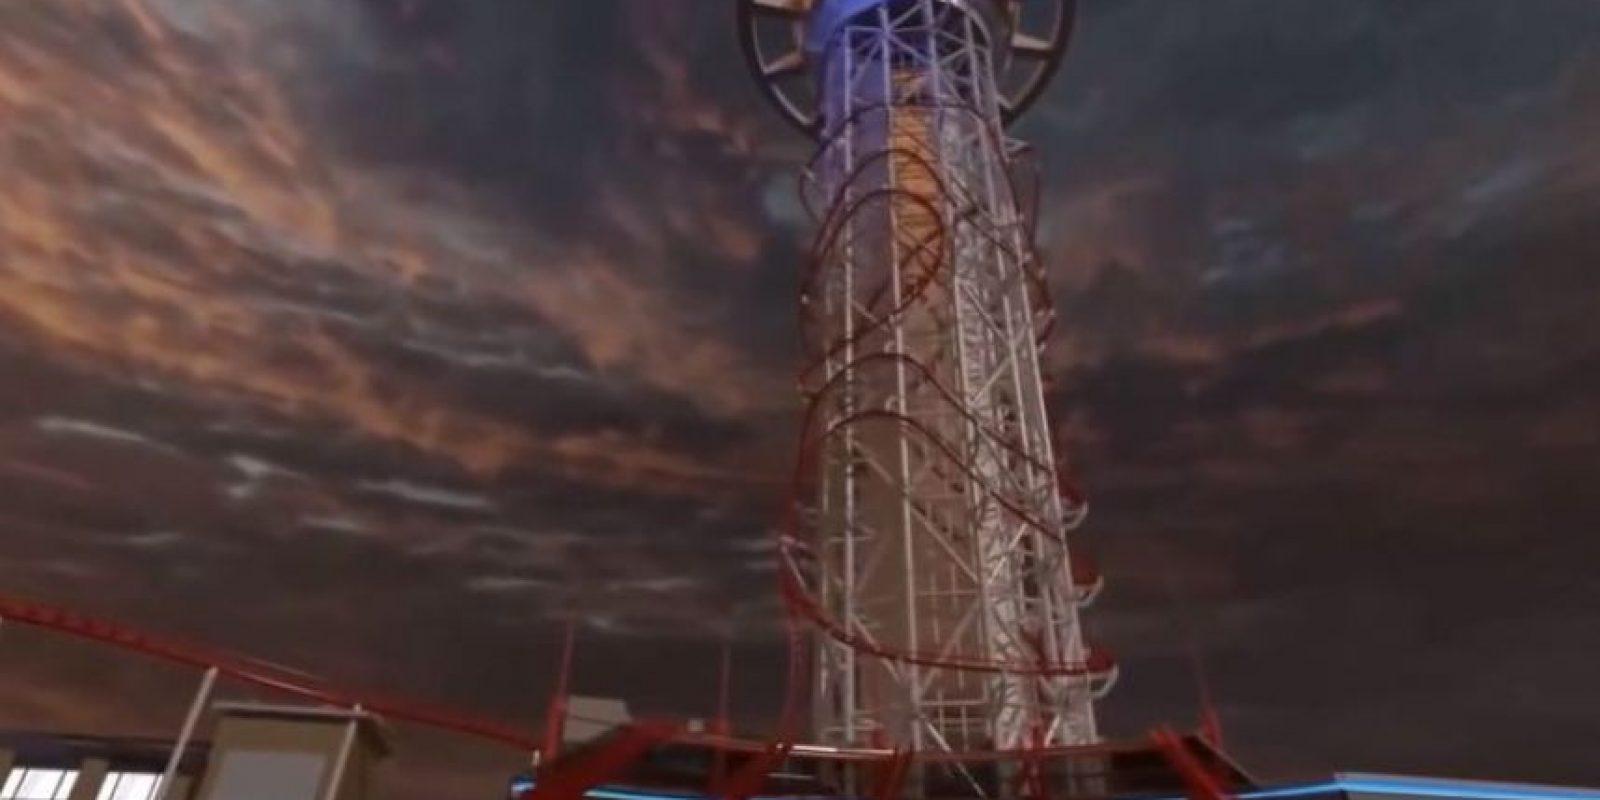 Alcanzará una velocidad de 105 kilómetros por hora (65 mph) Foto:Vía Youtube/animación